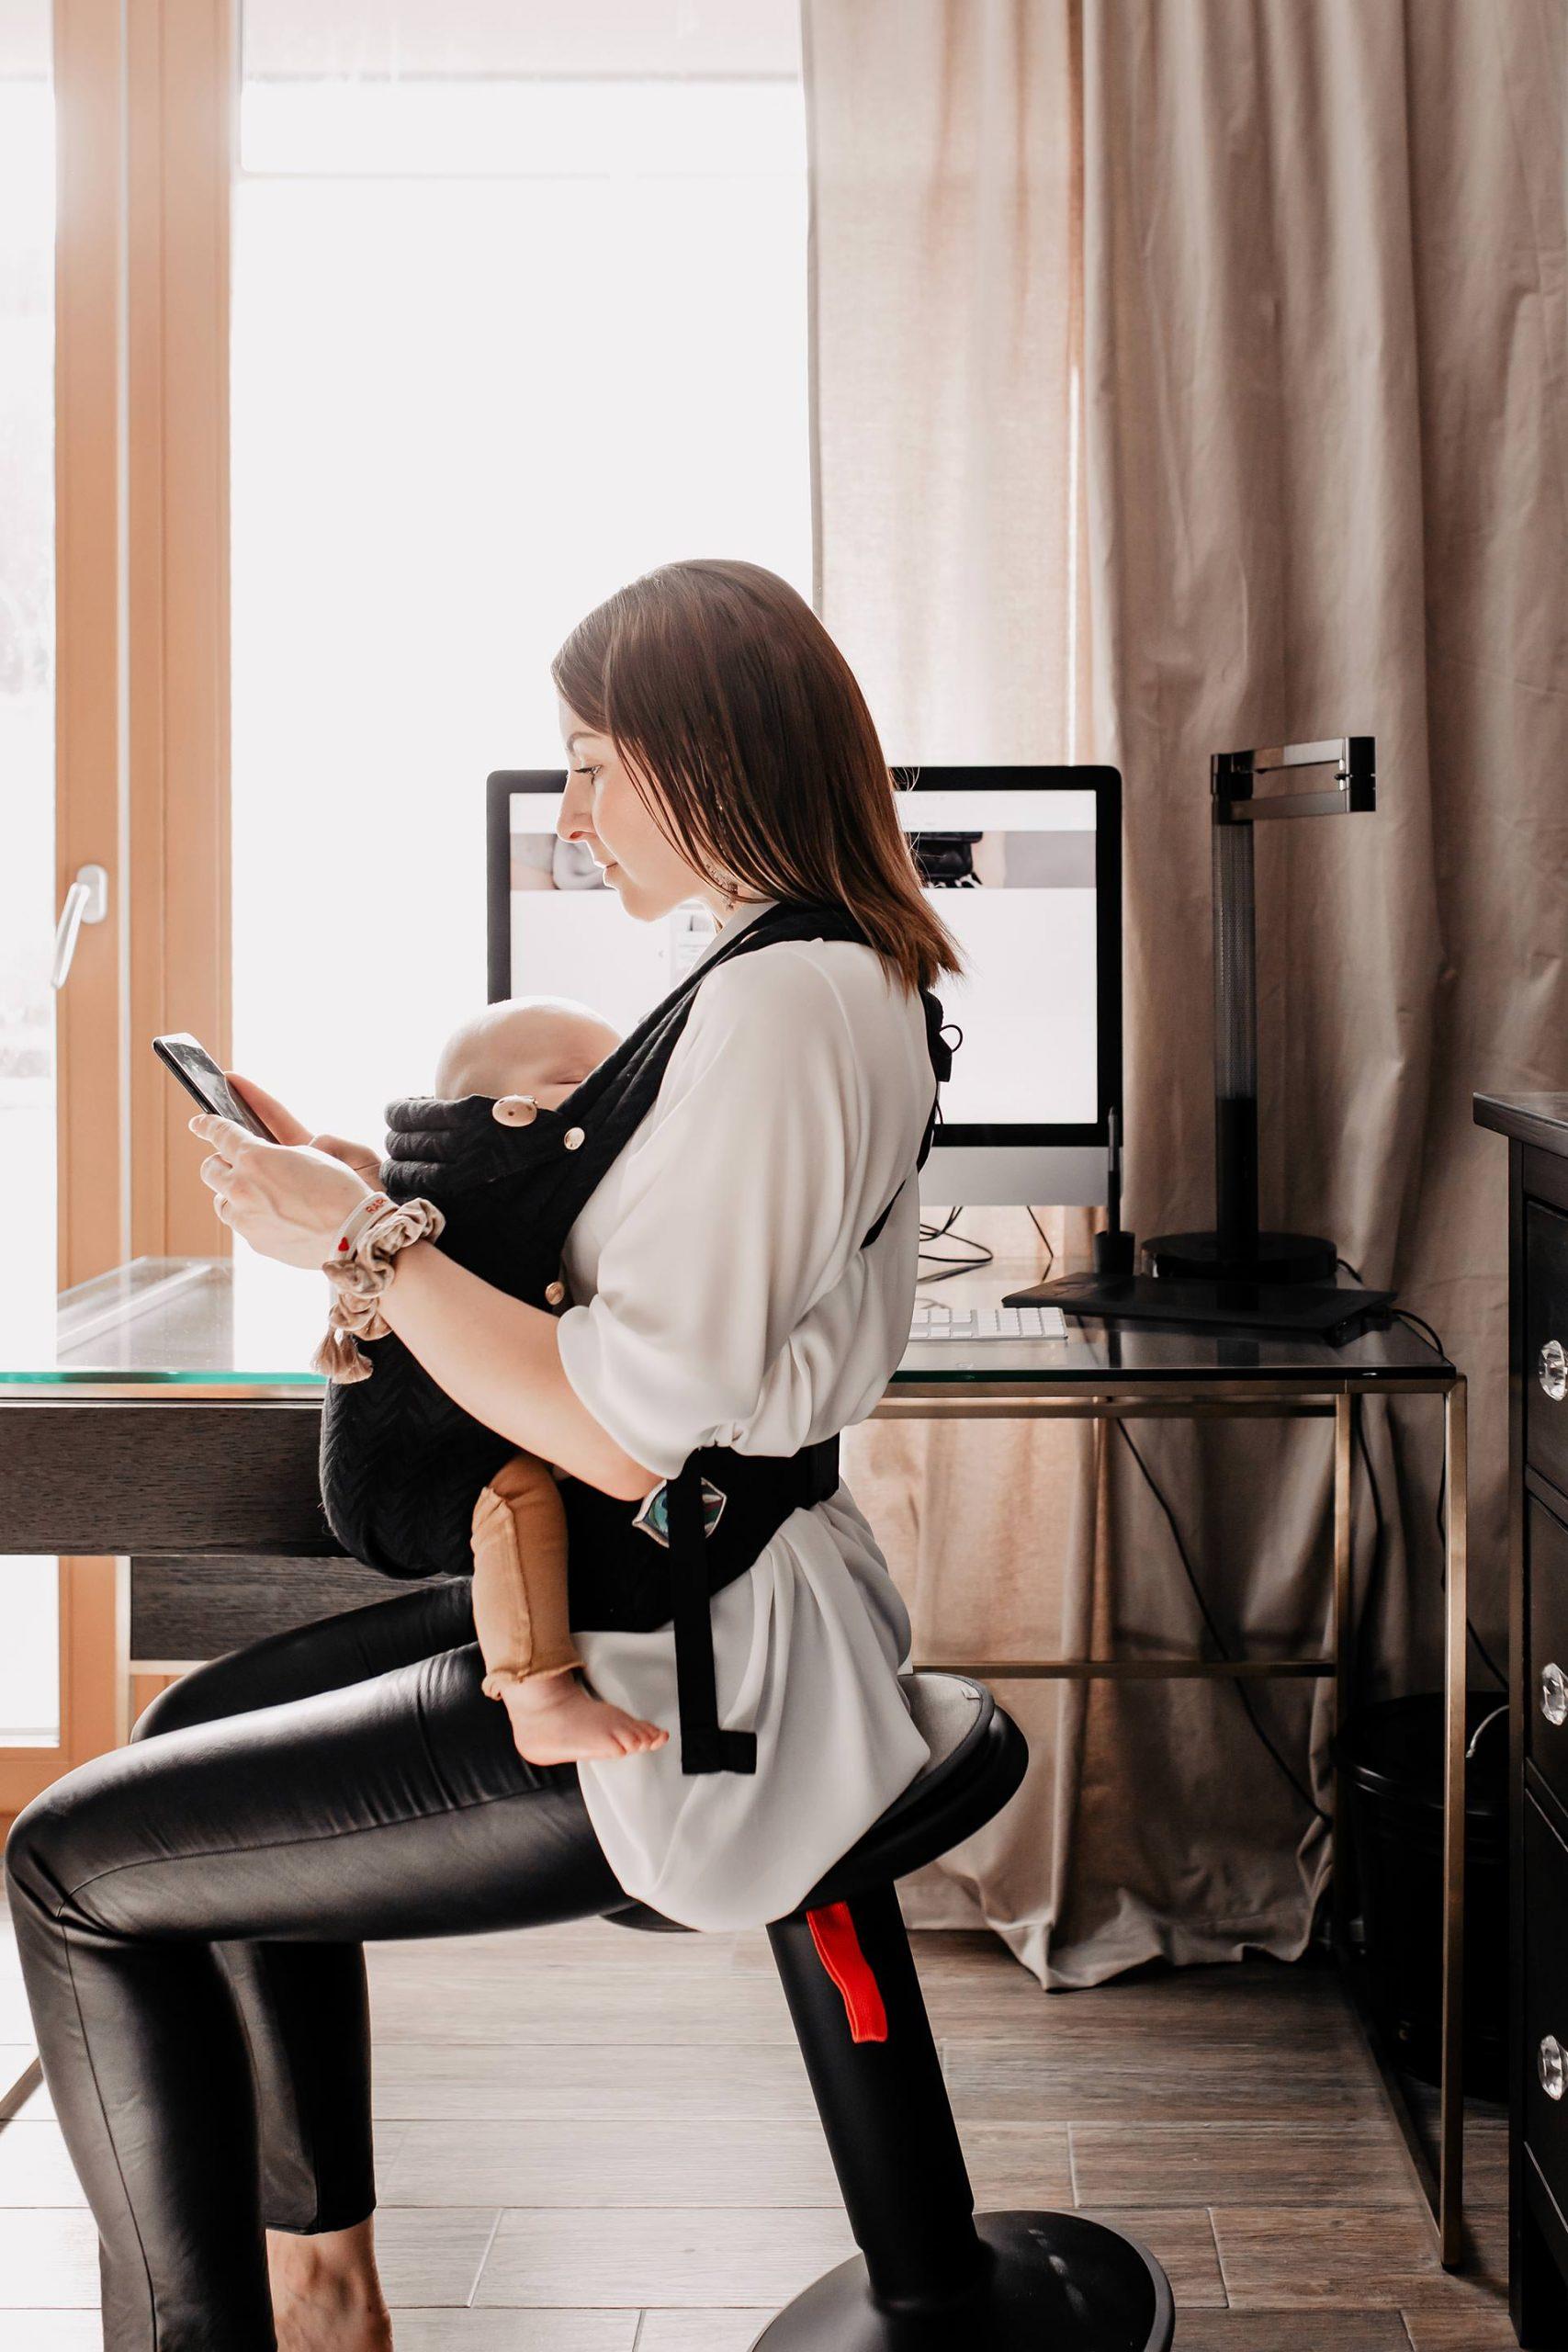 Es gibt bereits viele gute Ansätze dazu, jedoch ist das Thema Home-Office mit Baby definitiv individuell anzusehen. Am Mamablog teile ich meine bisherigen Erfahrungen mit dir. Welche Learnings hatte ich selbst und welche Tipps kann ich dir nun mit auf den Weg geben? www.whoismocca.com